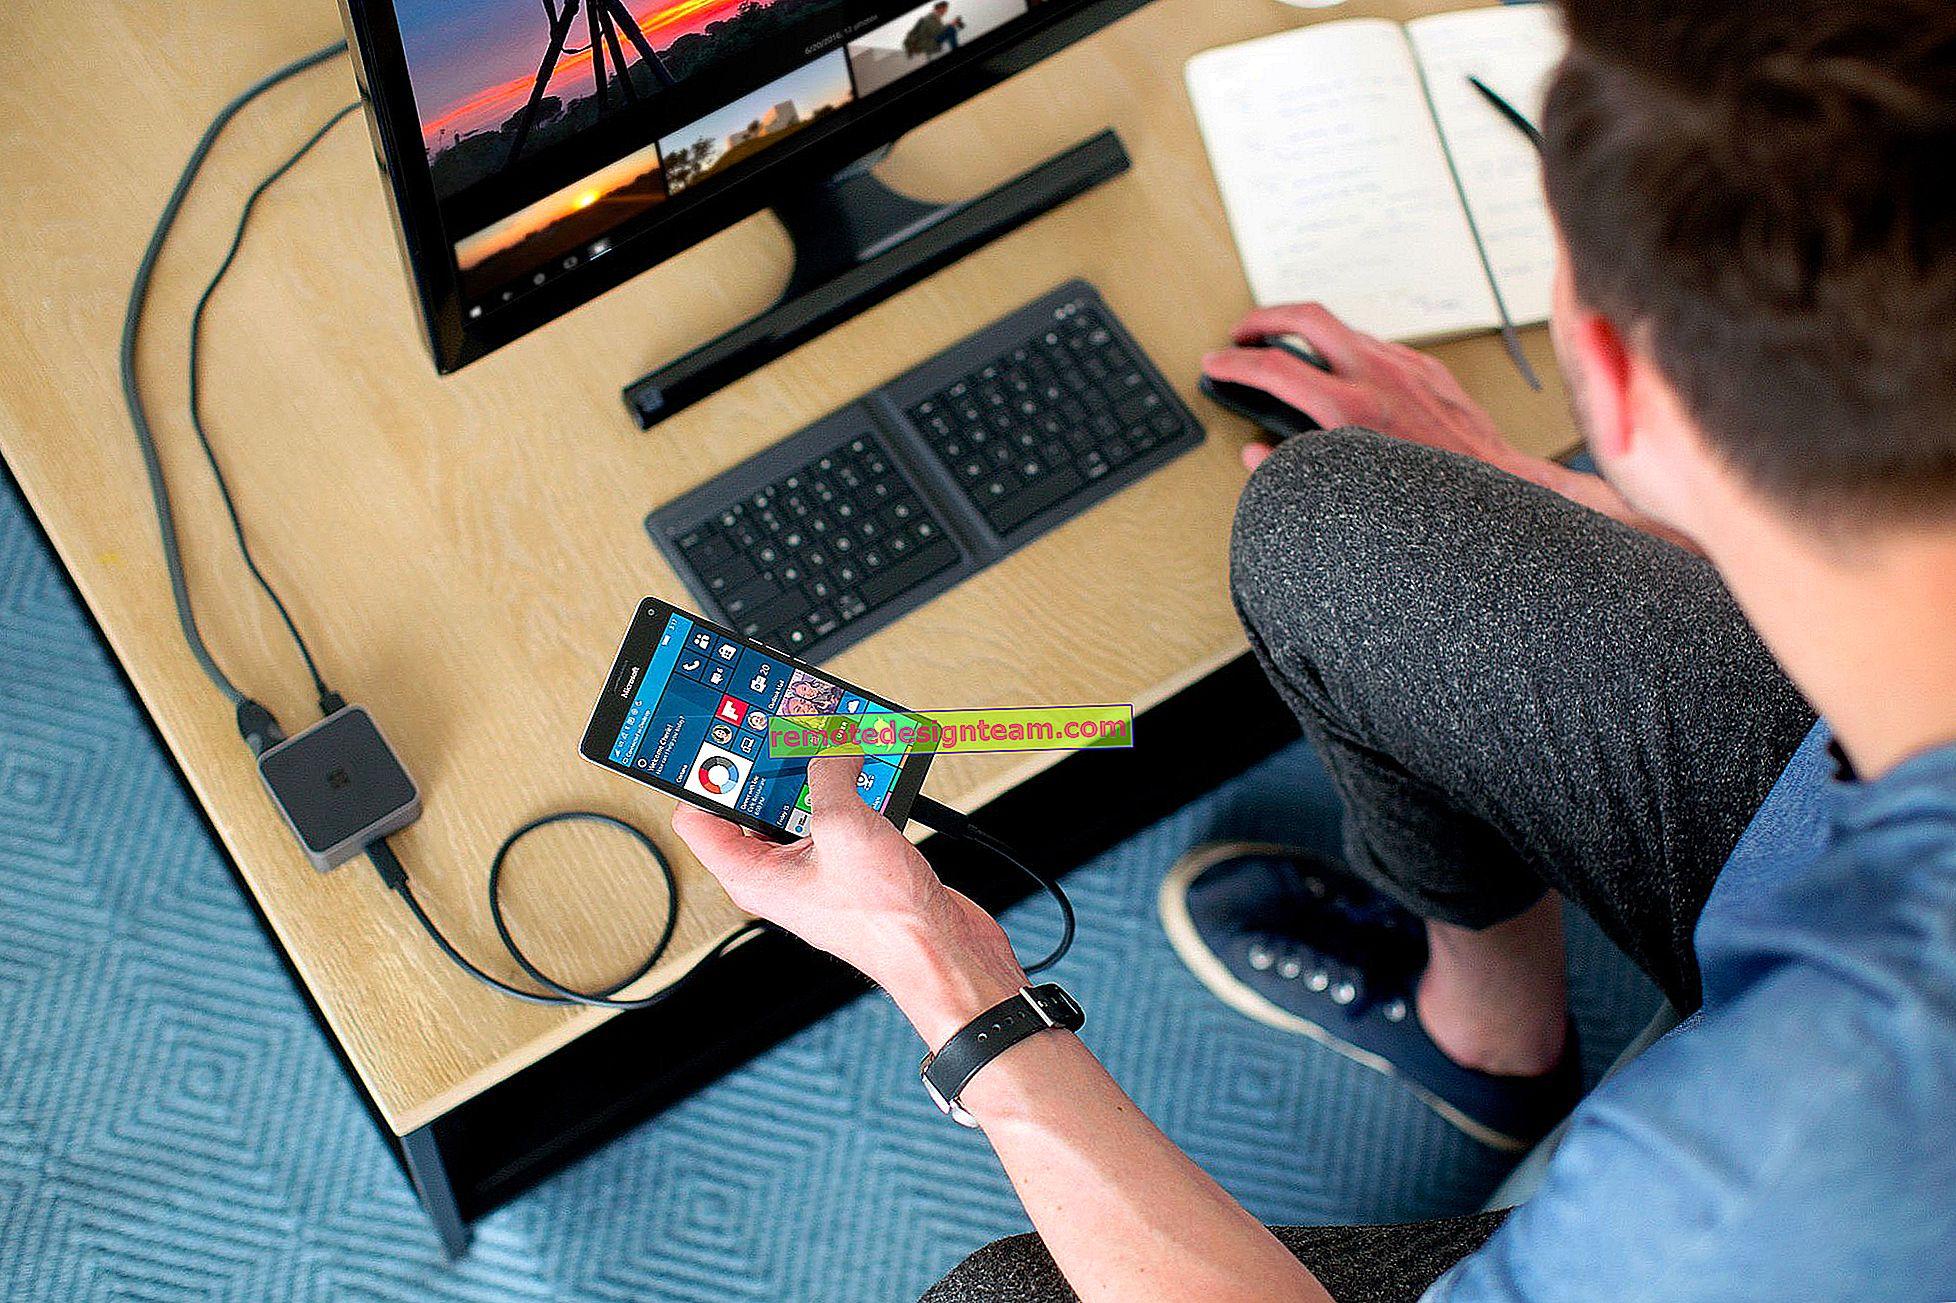 USBケーブルを介したコンピューターのモデムとしてのAndroidフォン